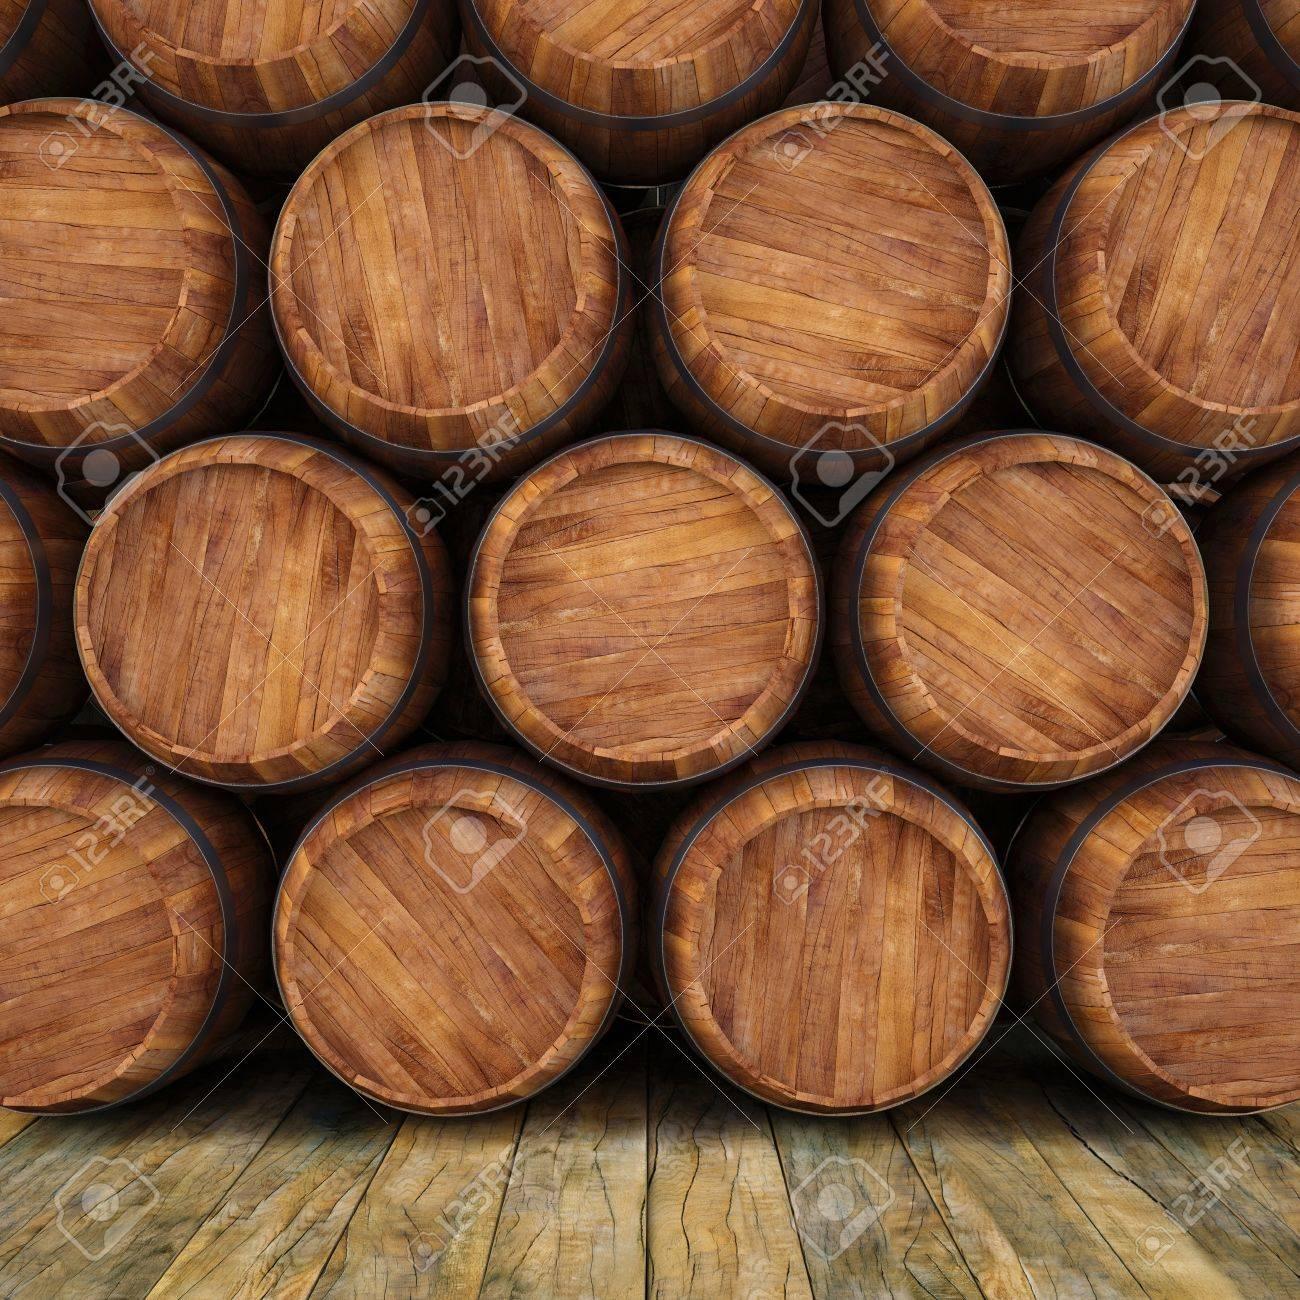 wooden_barrels1